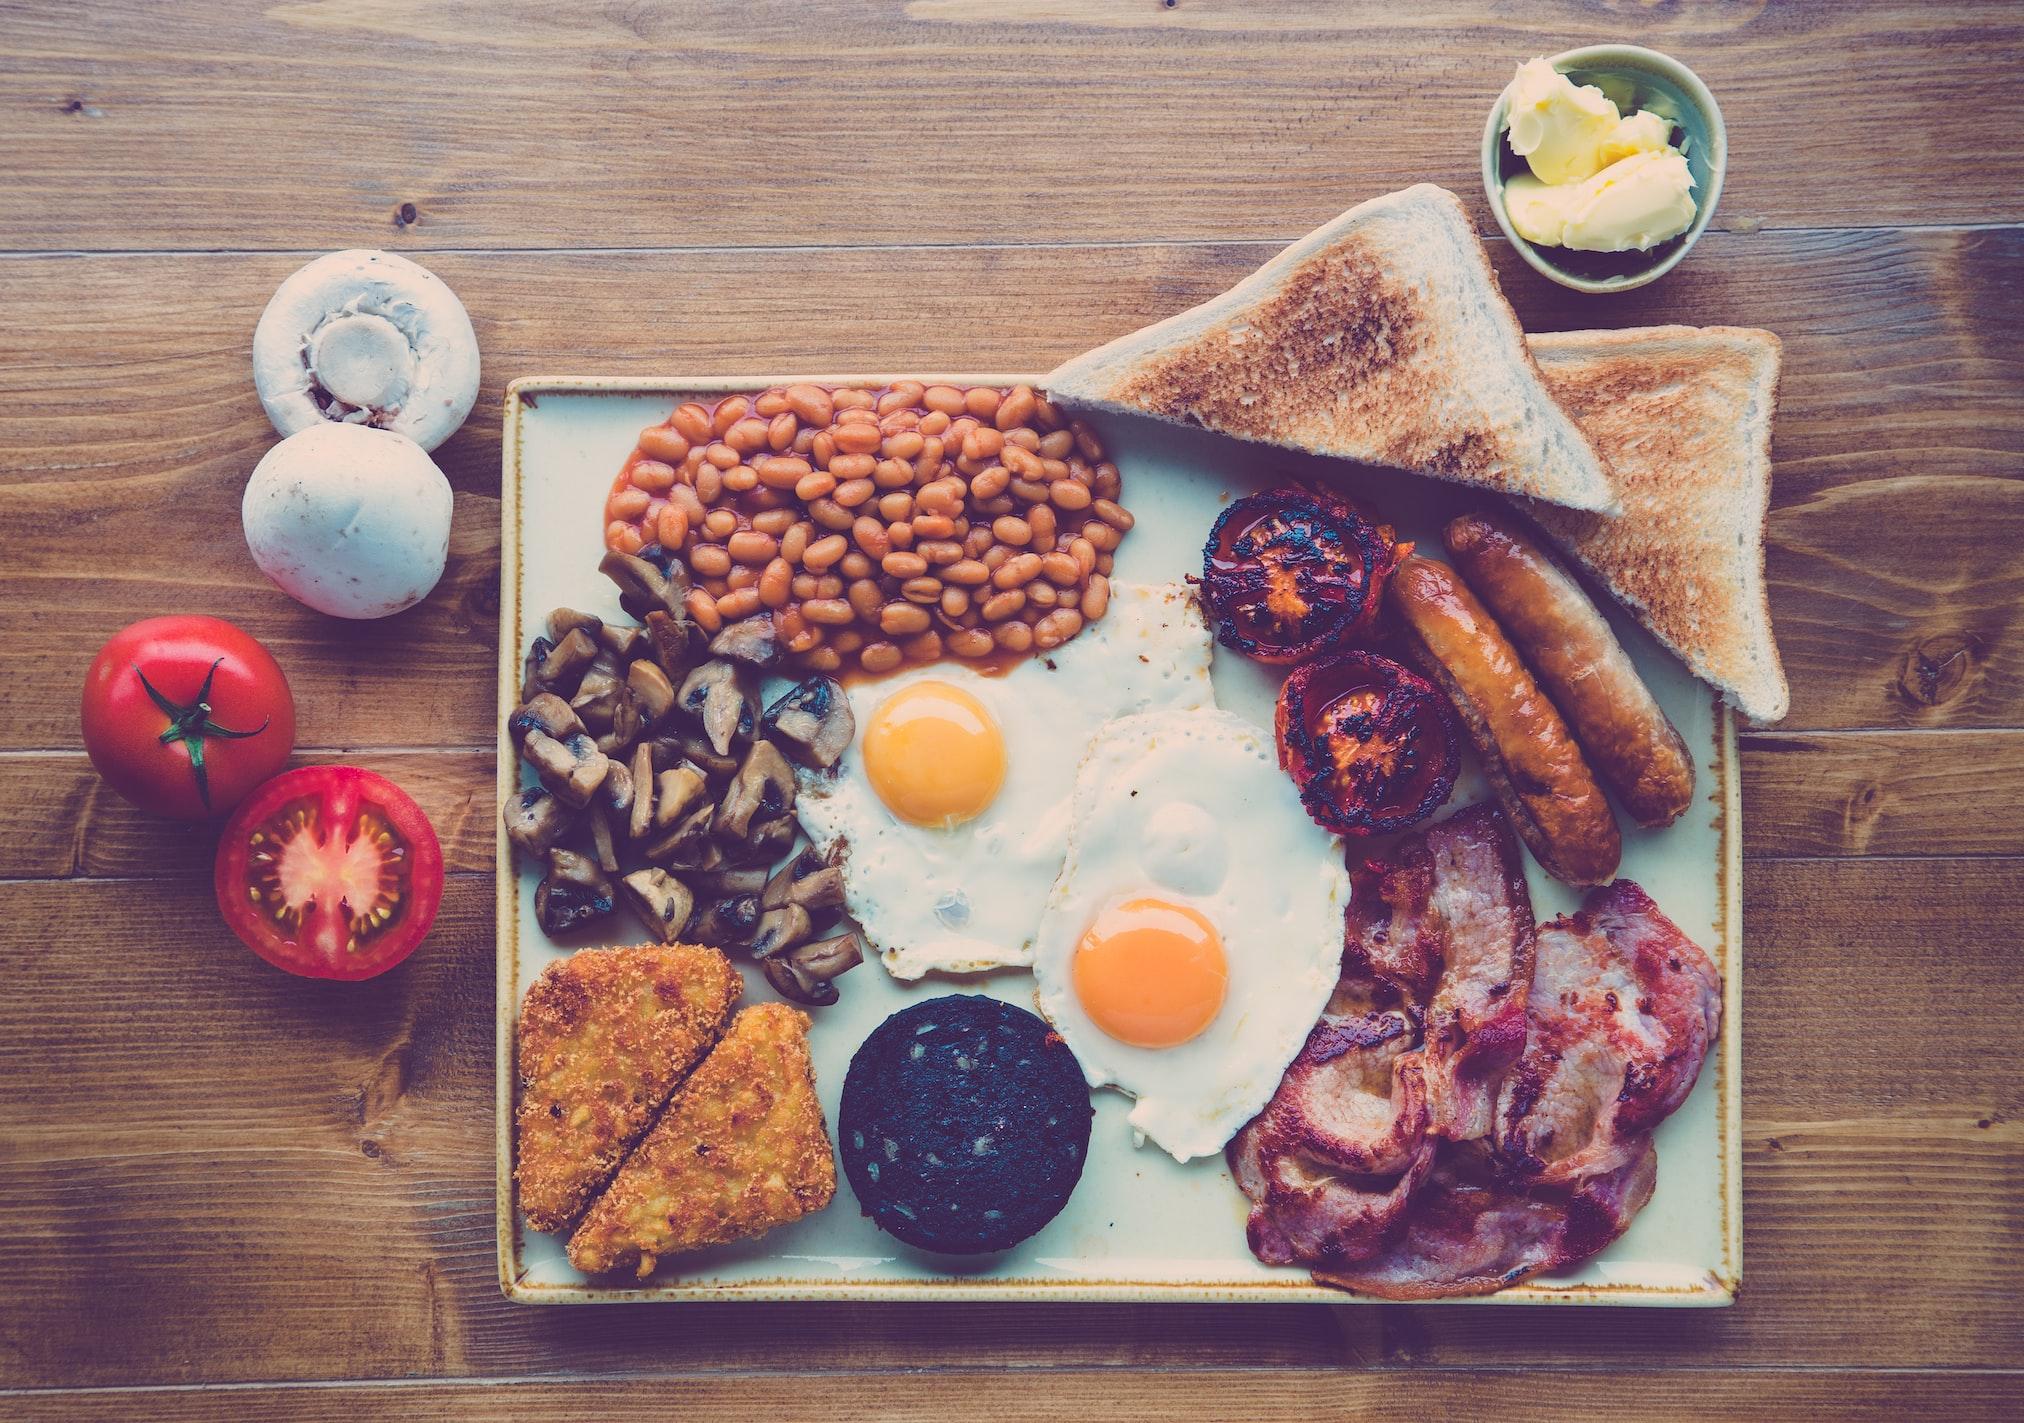 Canadian style breakfast